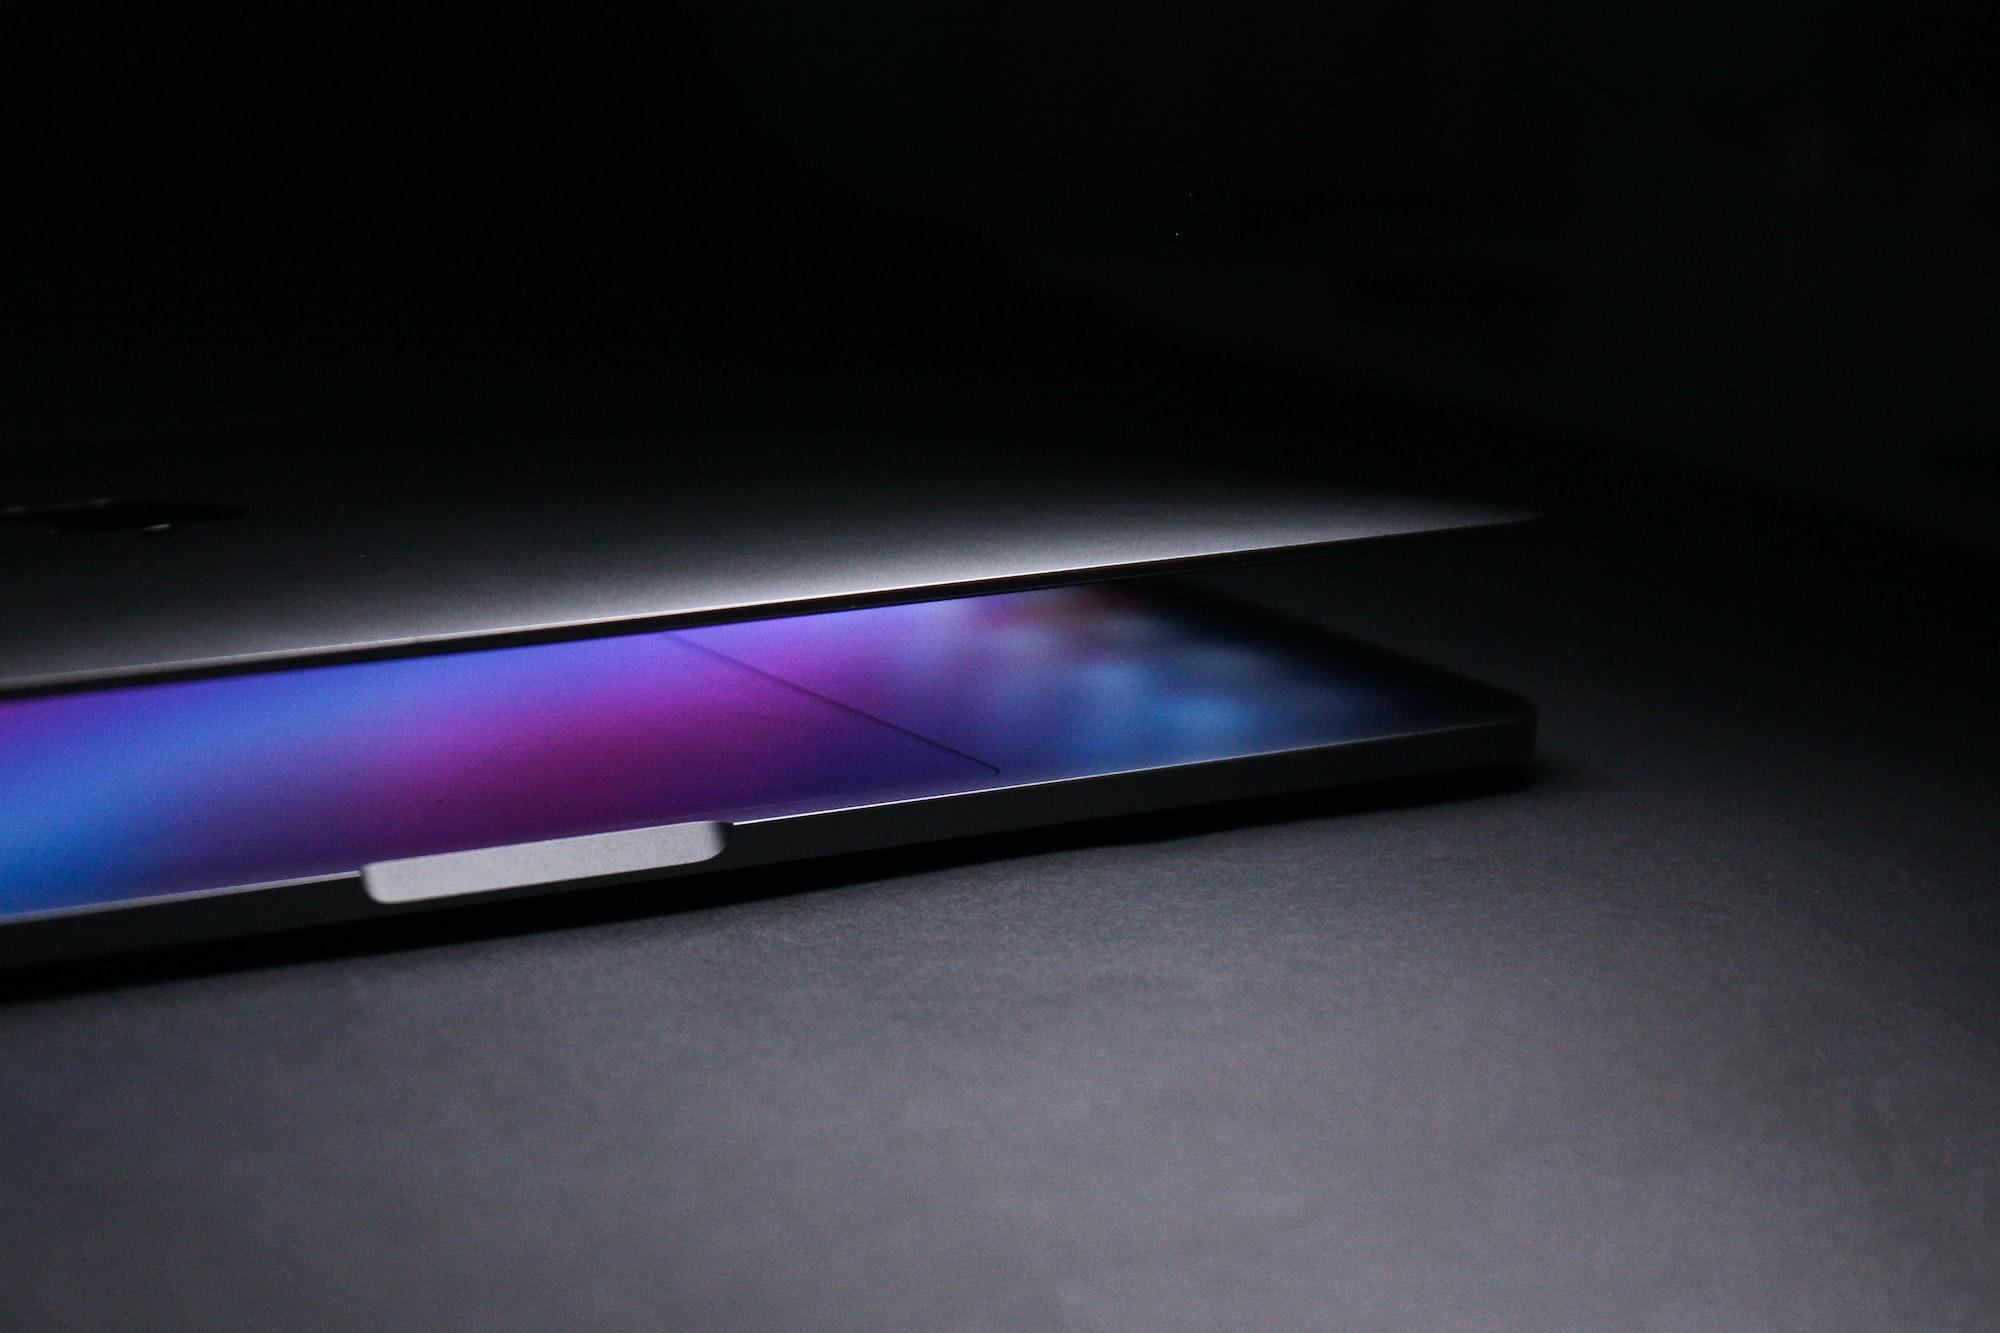 Будущие MacBook Pro могут получить по-настоящему гигантские трекпады